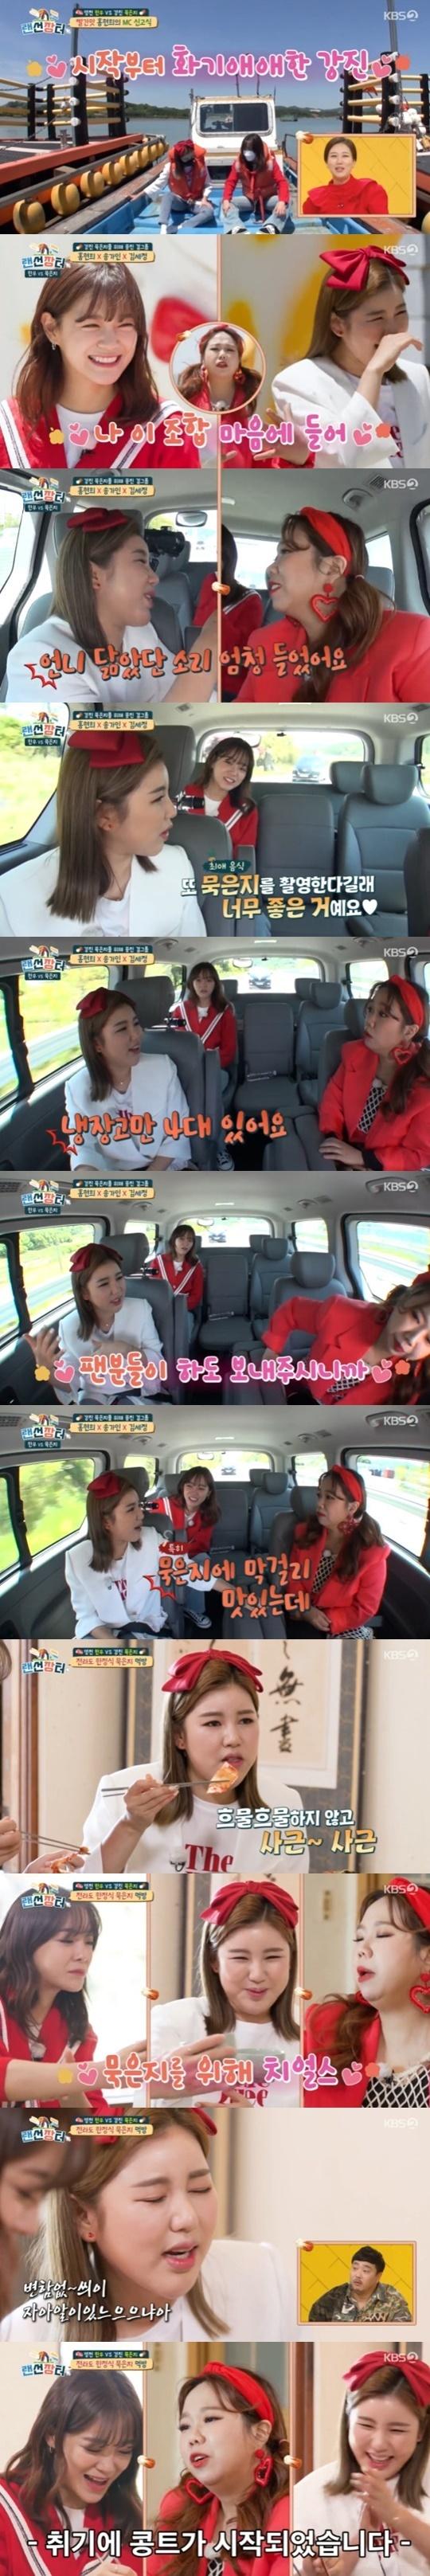 KBS 2TV '랜선 장터' © 뉴스1